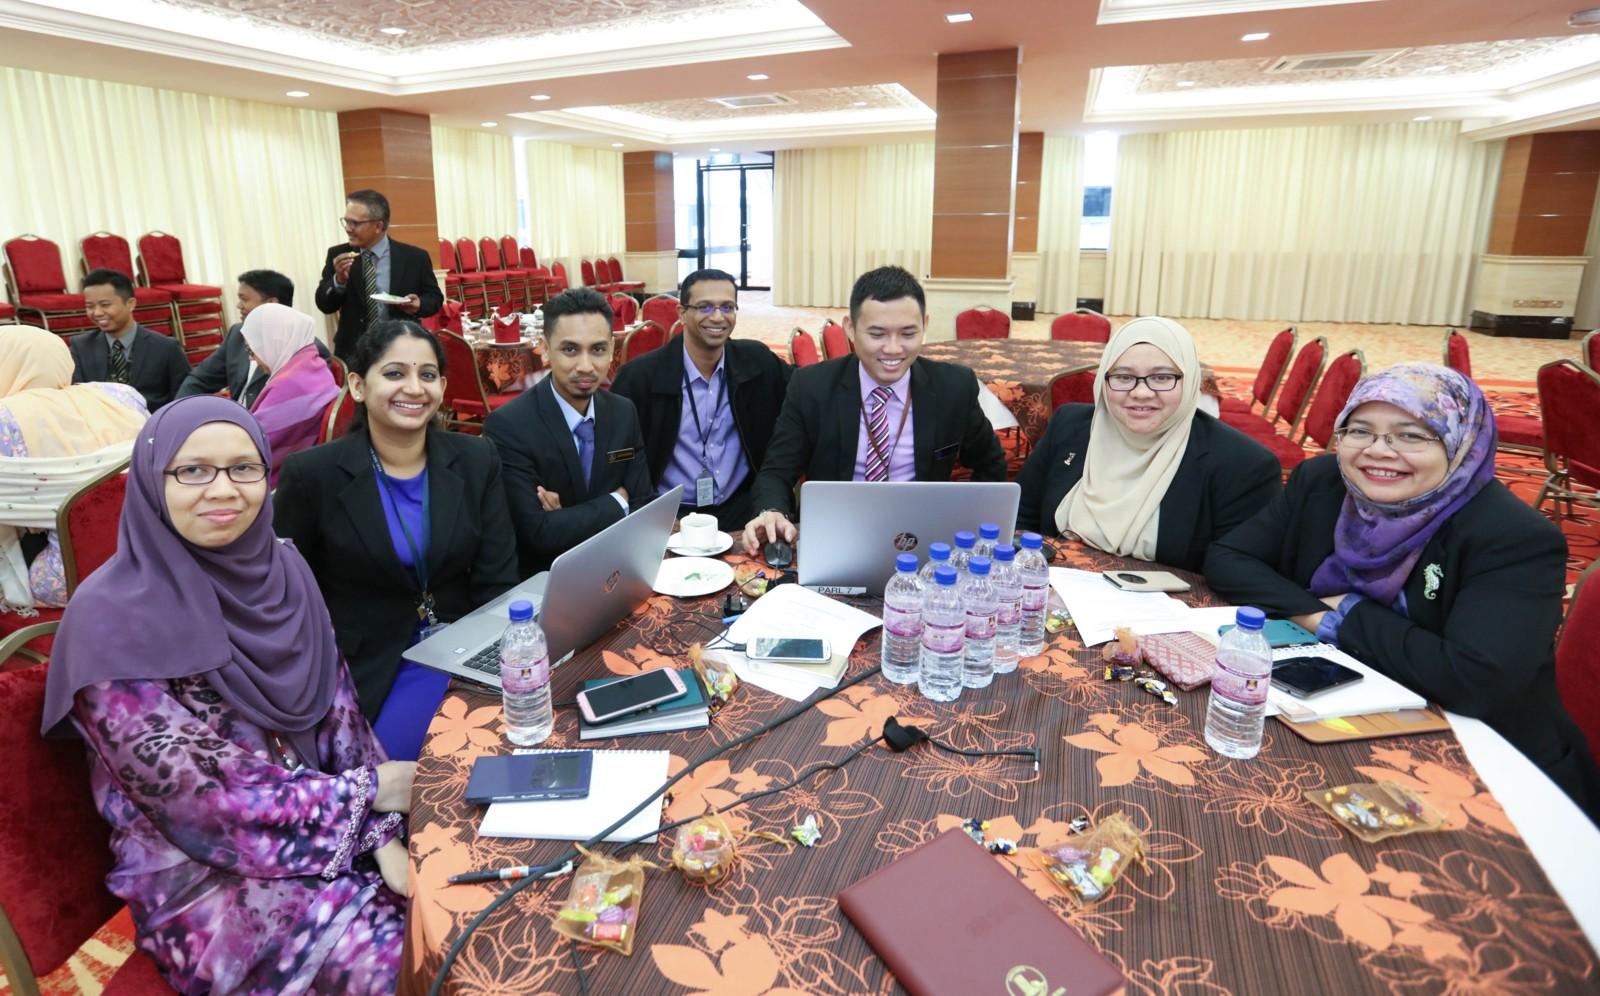 etika perhubungan awam malaysia Perhubungan awam boleh didefinisikan sebagai suatu fungsi pengurusan yang bersifat berterusan dan dirancang dimana sesebuah organisasi akan mencari jalan untuk.